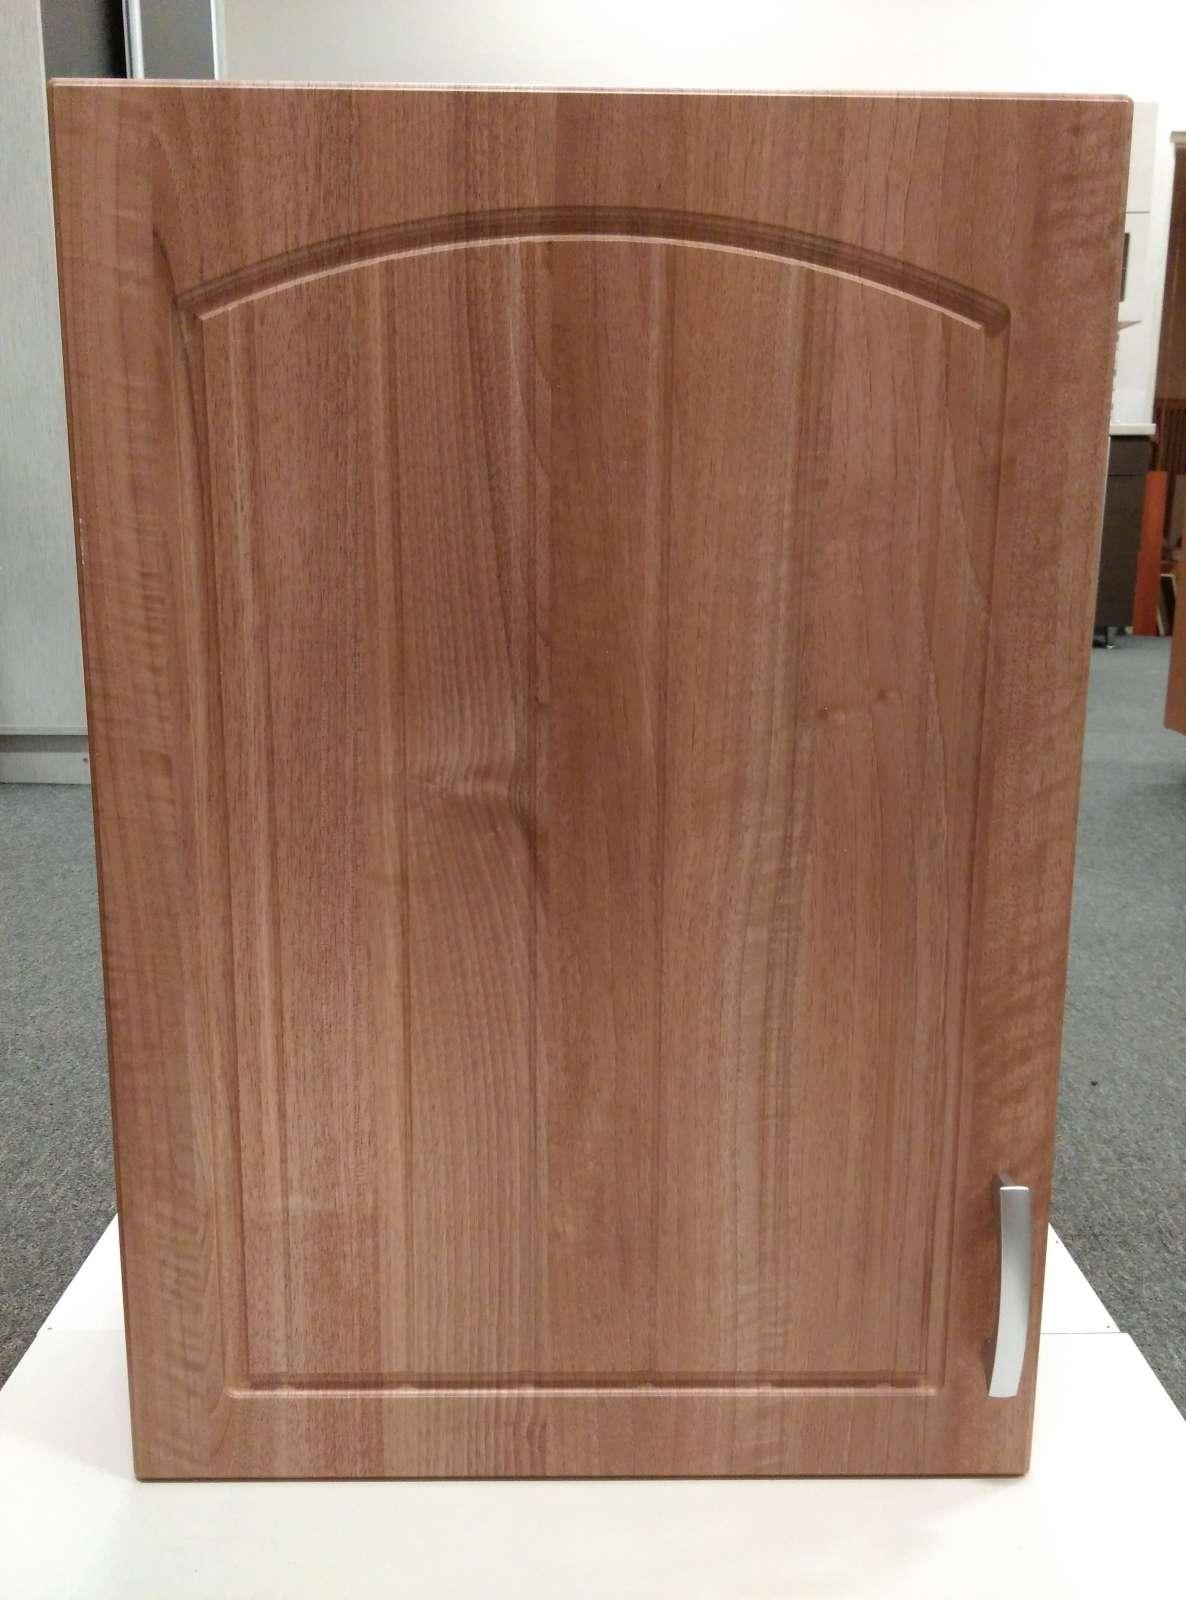 Horní kuchyňská skříňka 50 cm - výprodej